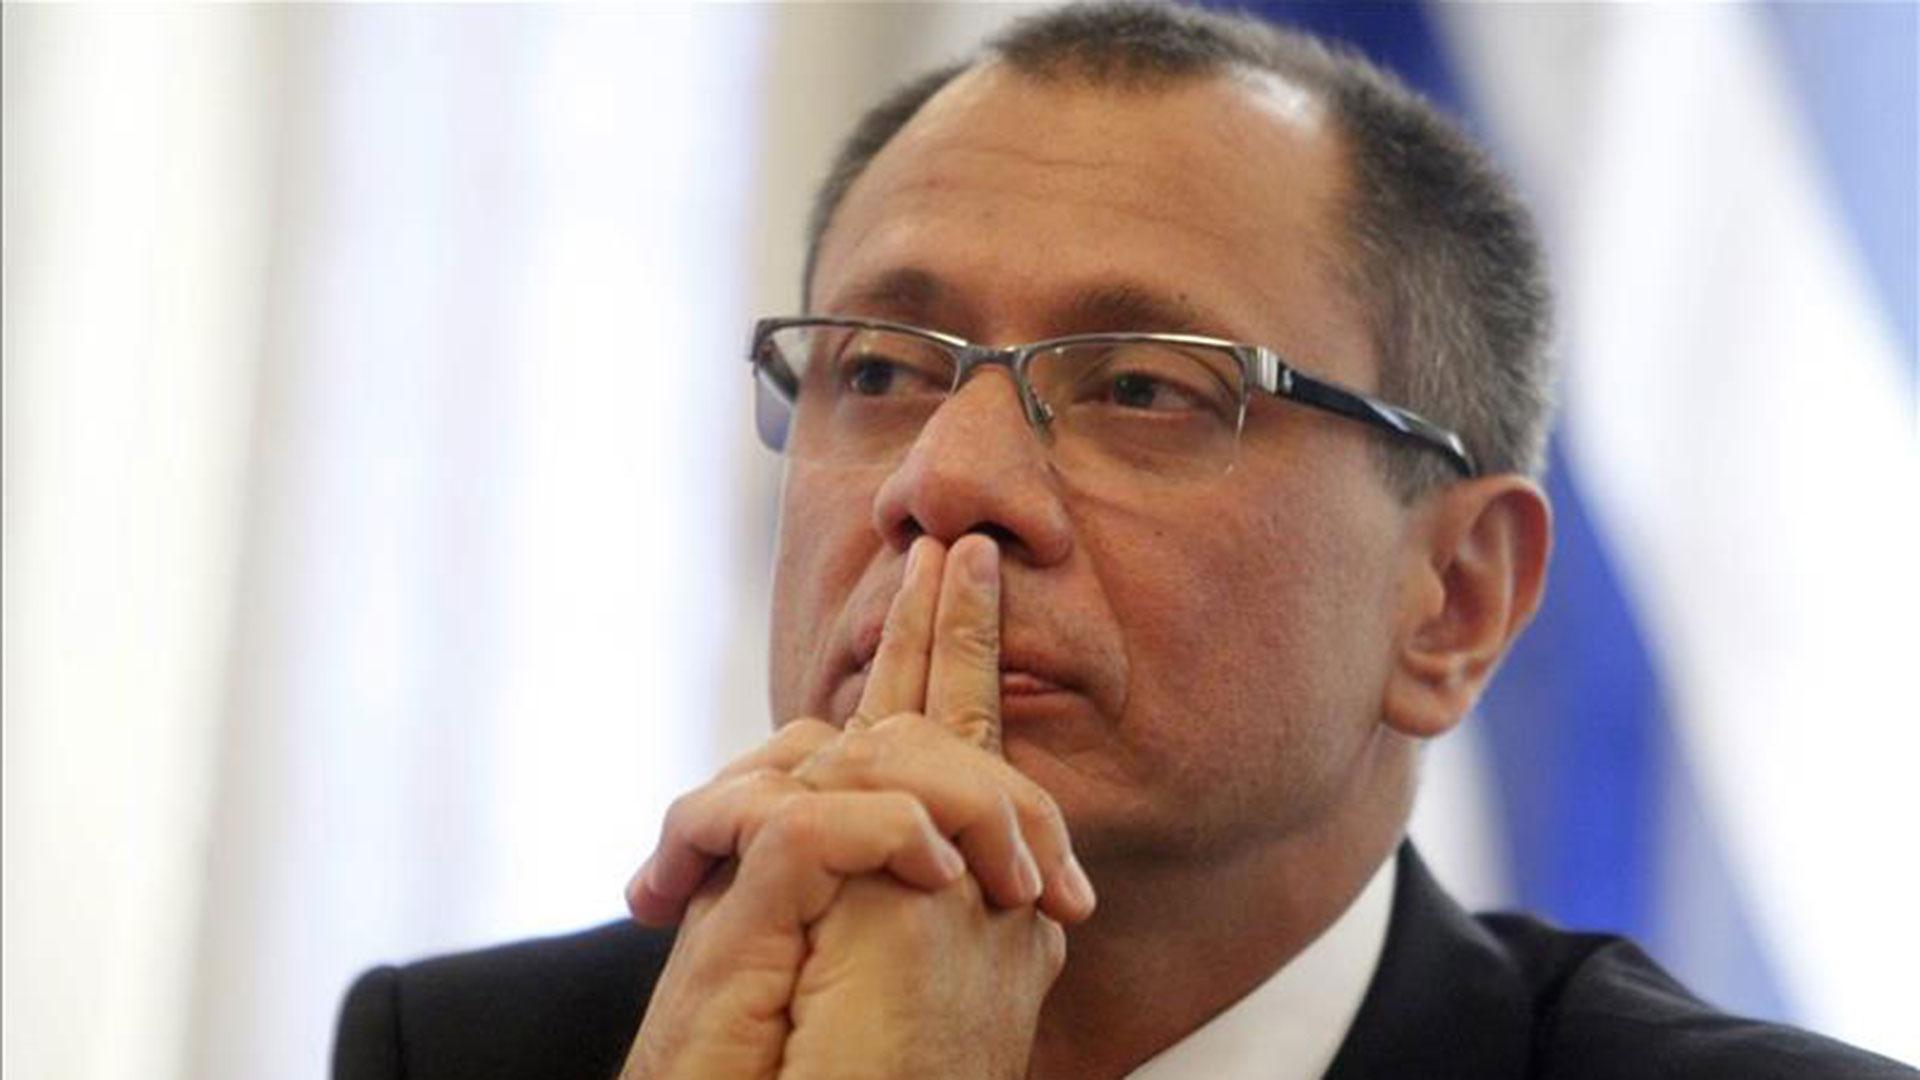 Vicepresidente de Ecuador a juicio por caso Odebrecht